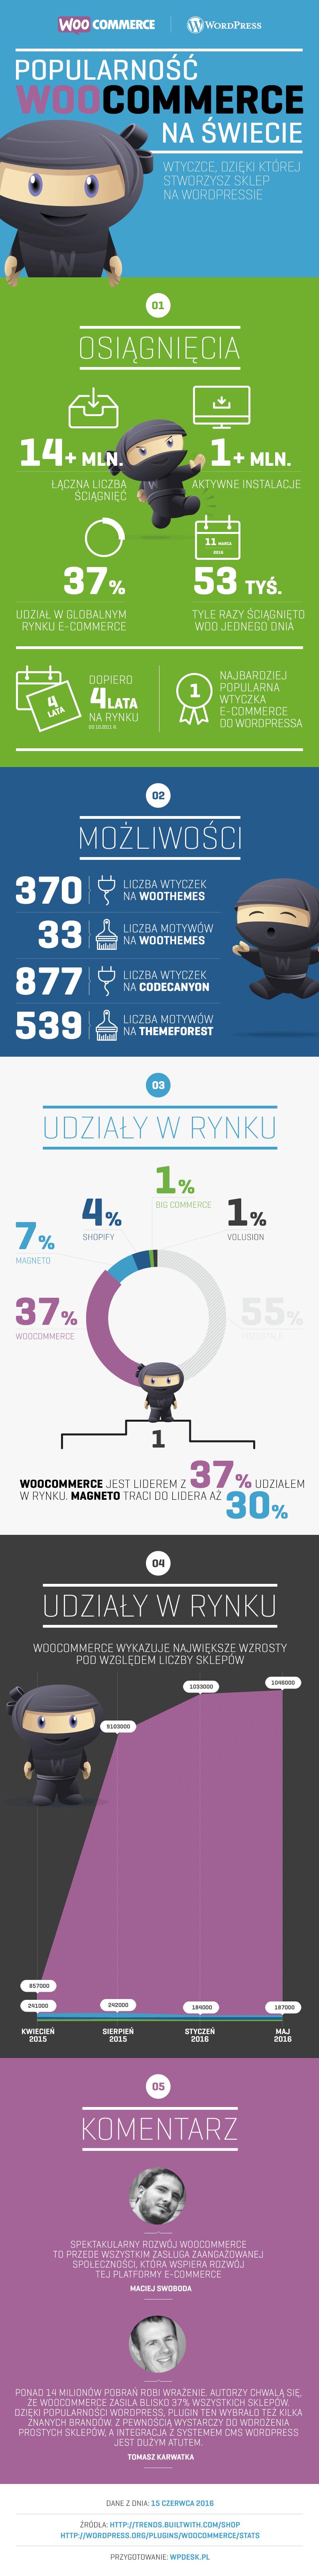 woocommerce-udzial-rynkowy-infografika-2016-wpdesk